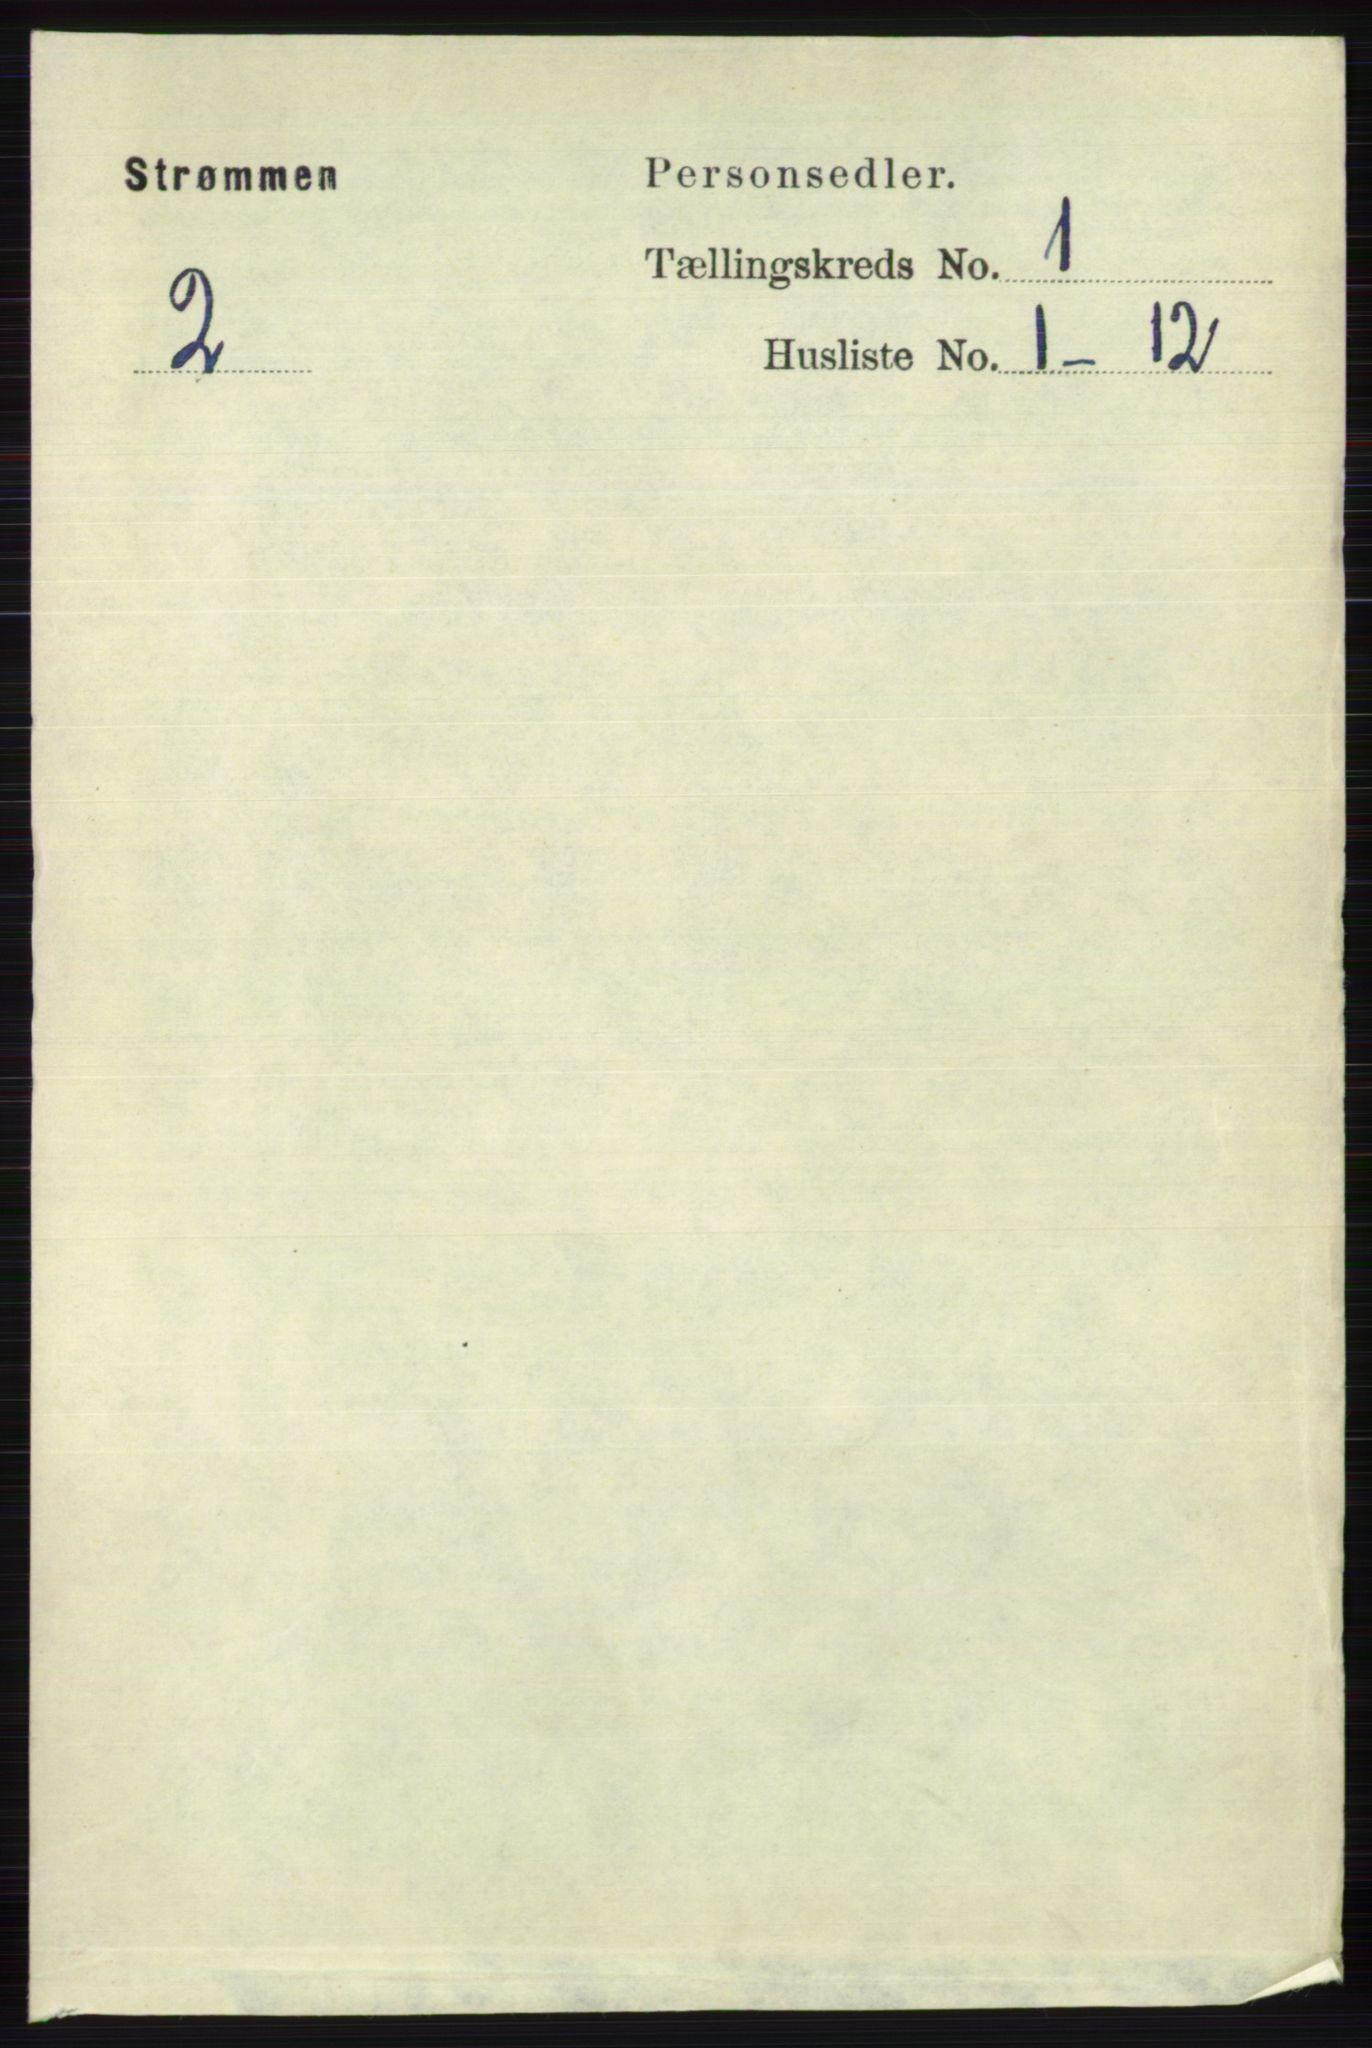 RA, Folketelling 1891 for 0711 Strømm herred, 1891, s. 59